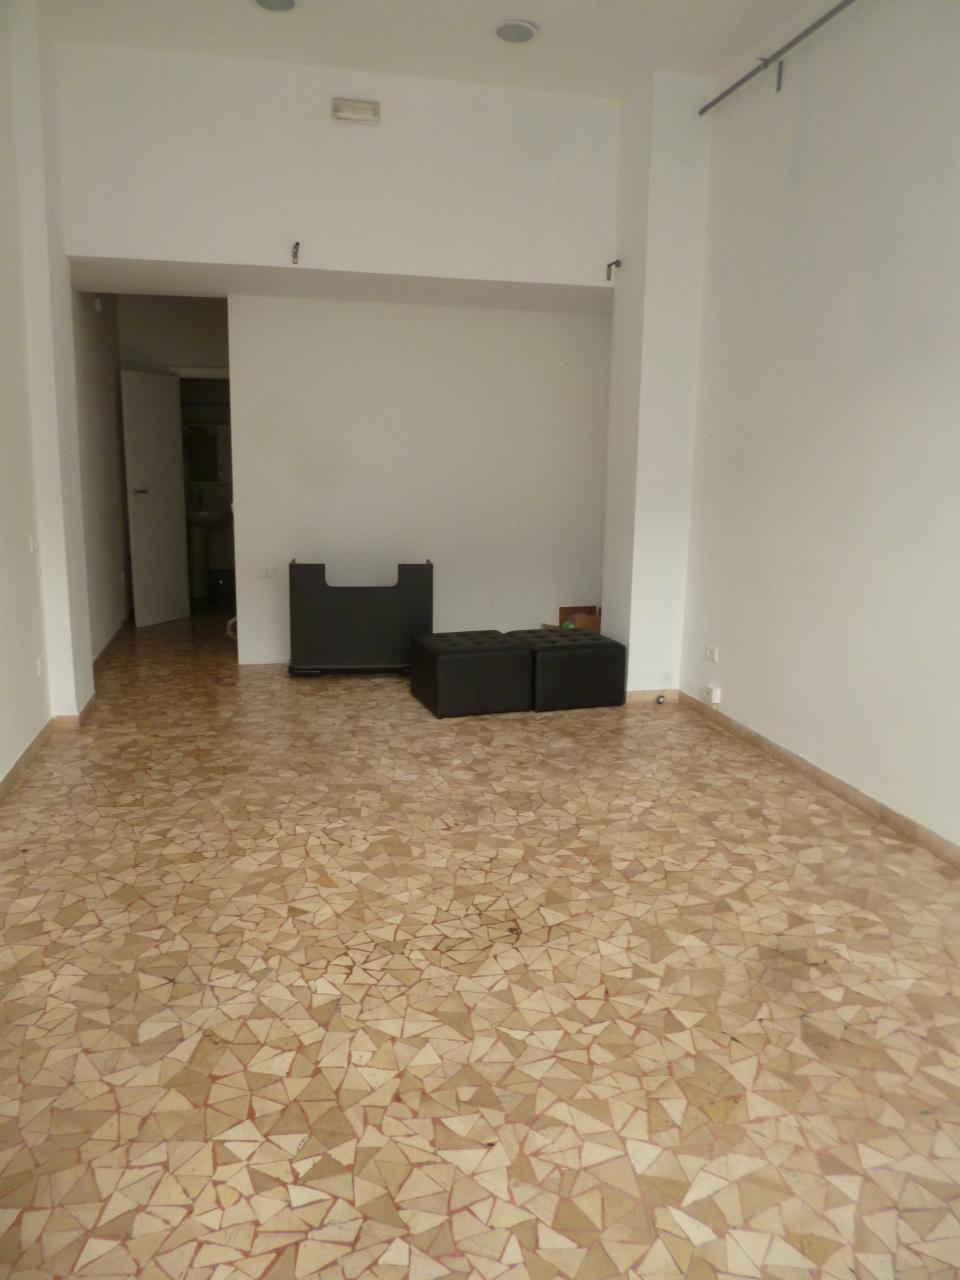 Capannone in vendita a Livorno, 1 locali, prezzo € 68.000 | Cambio Casa.it